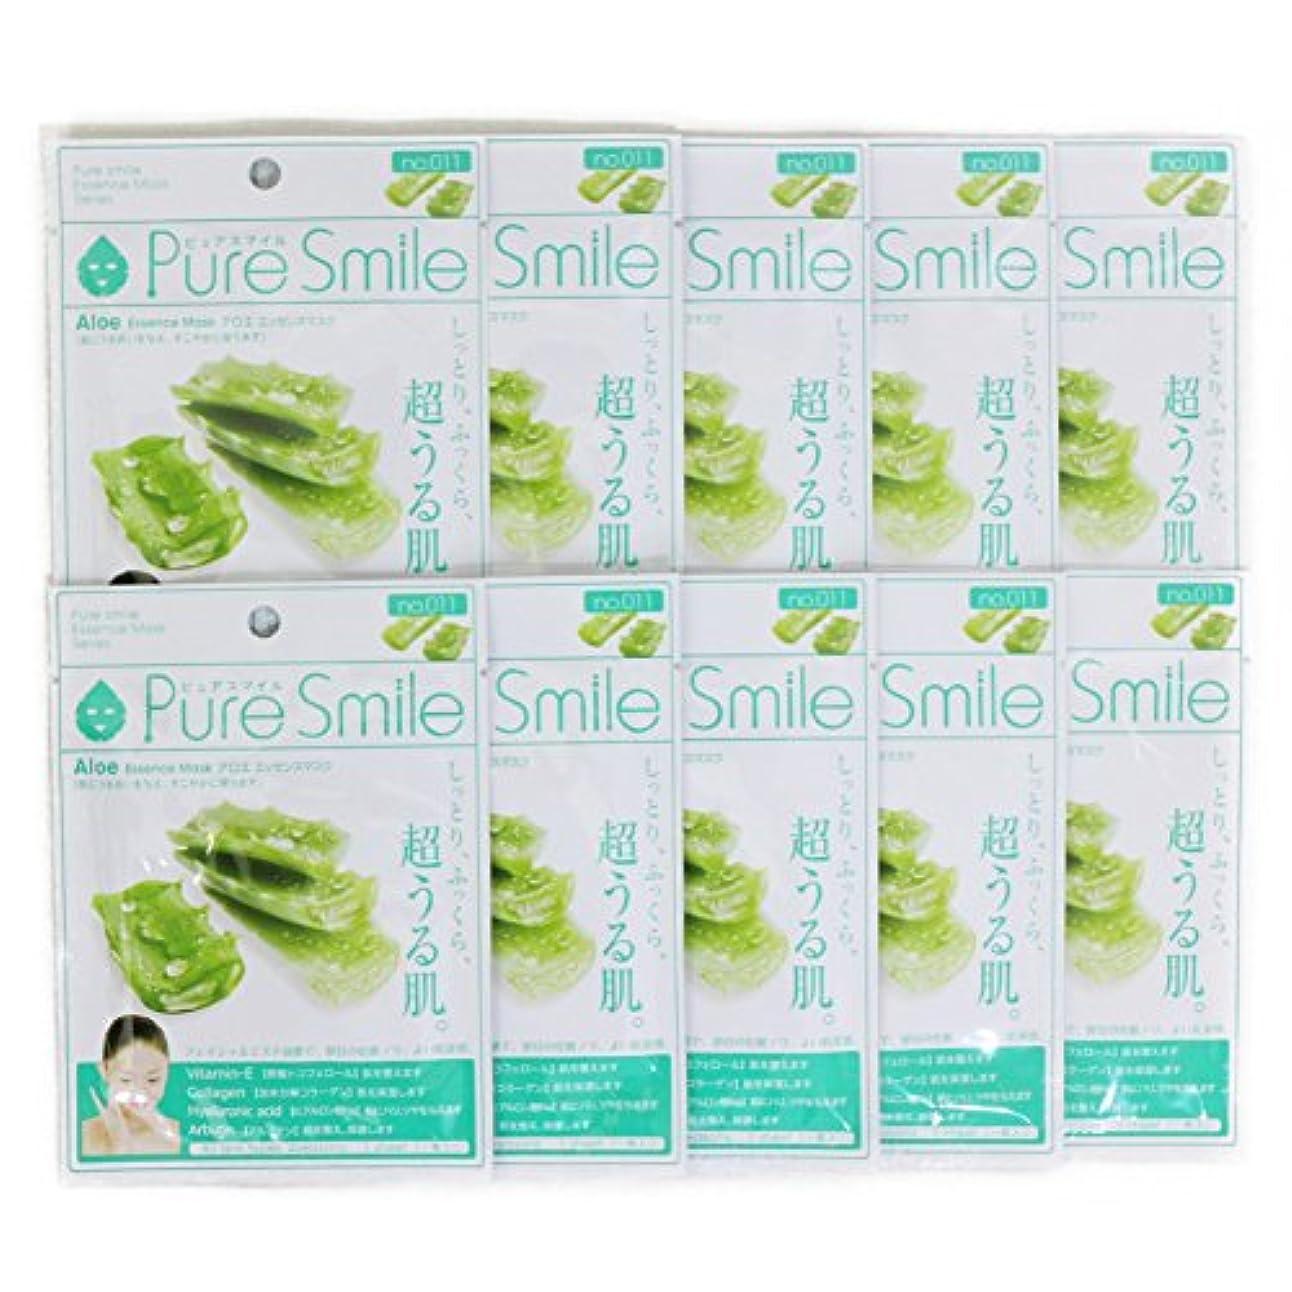 ペンダント主導権行Pure Smile ピュアスマイル エッセンスマスク アロエ 10枚セット